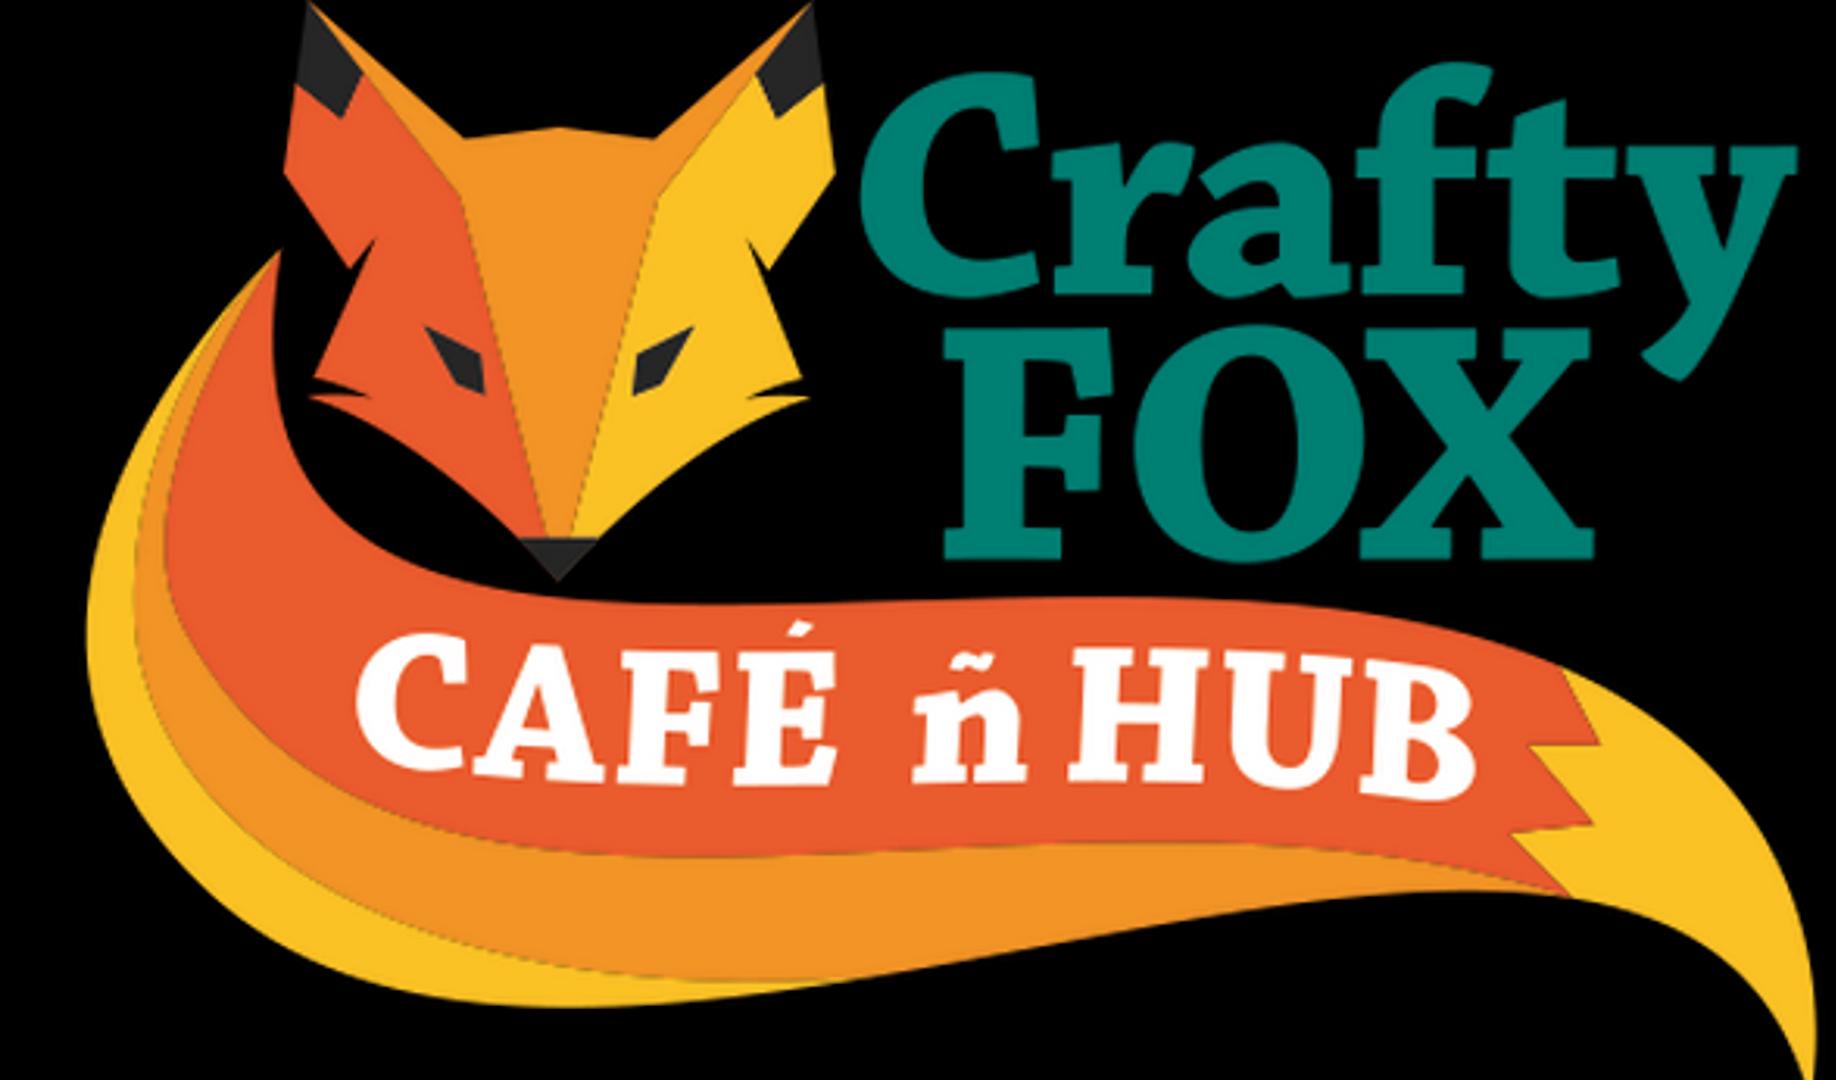 Crafty Fox Cafe & Hub